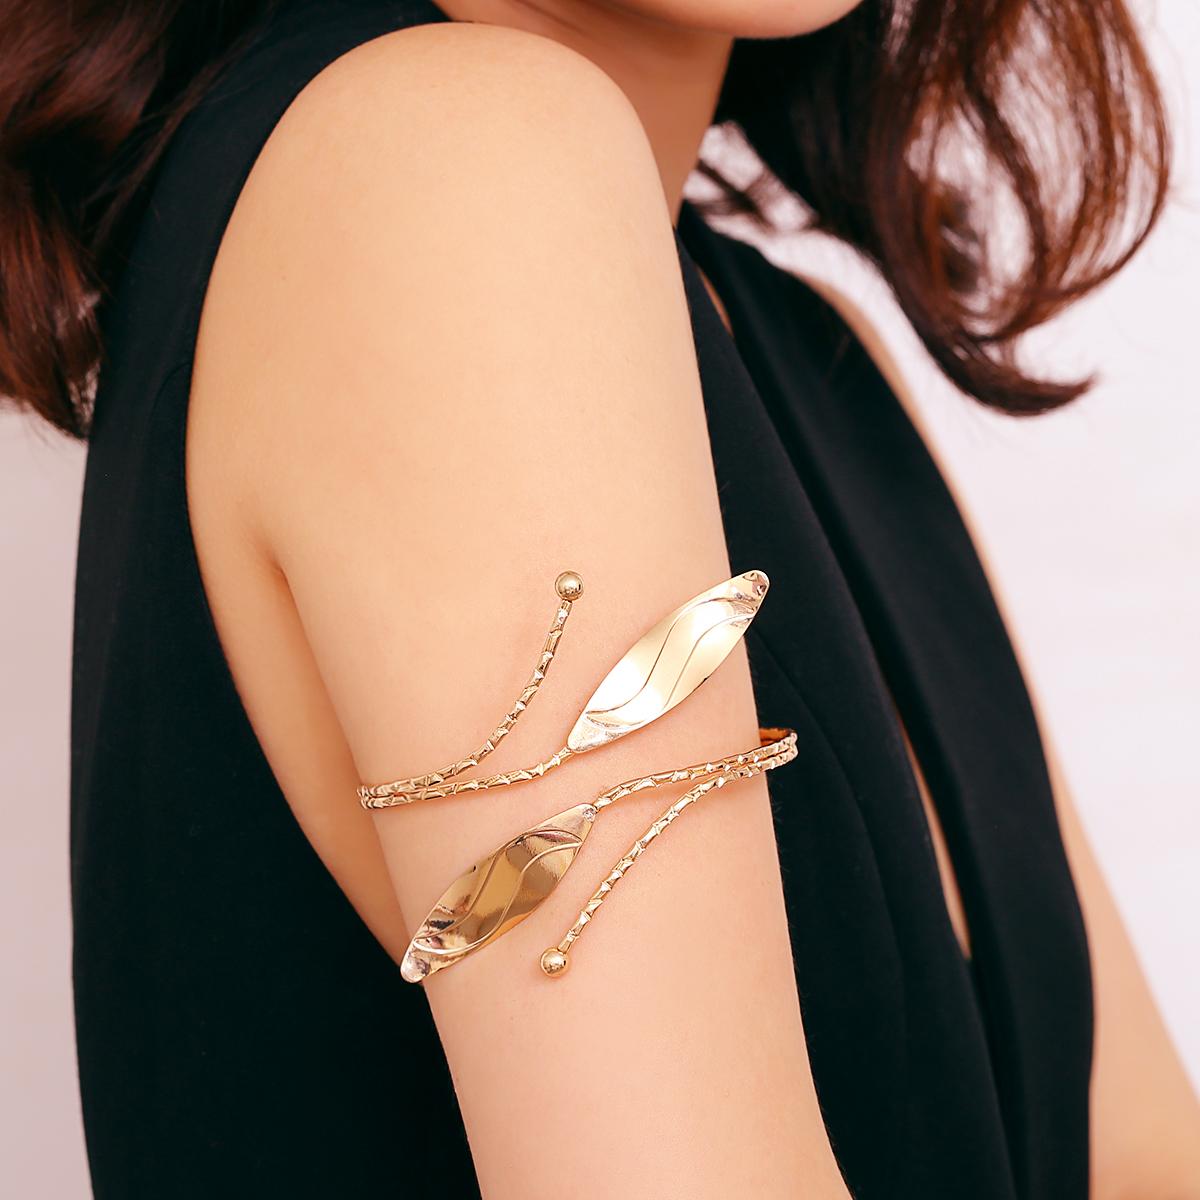 立体叶子球臂环女欧美简约个性开口可调节大臂